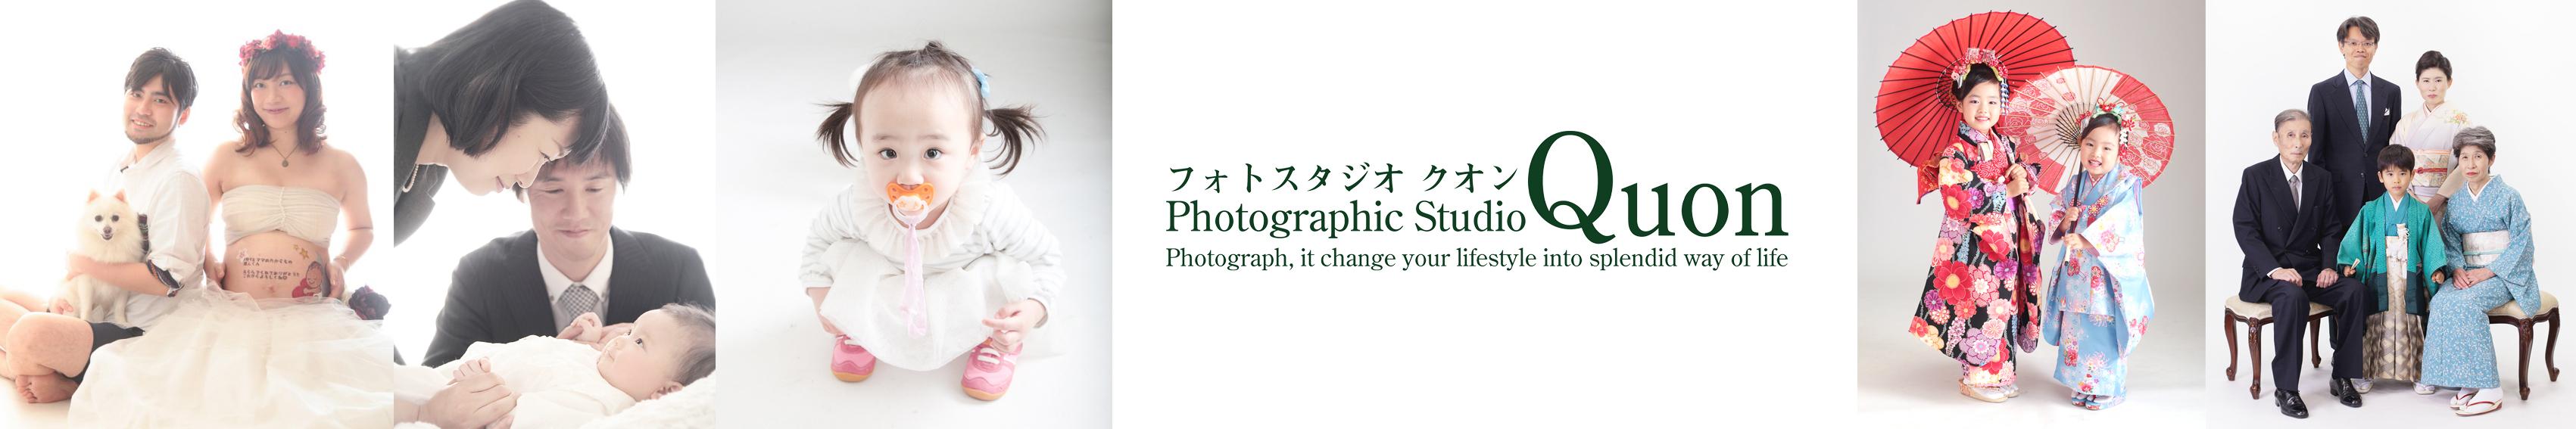 七五三・お宮参り・ベビー&キッズ・マタニティ・入園入学・家族写真・結婚記念日の写真撮影はスタジオクオンで